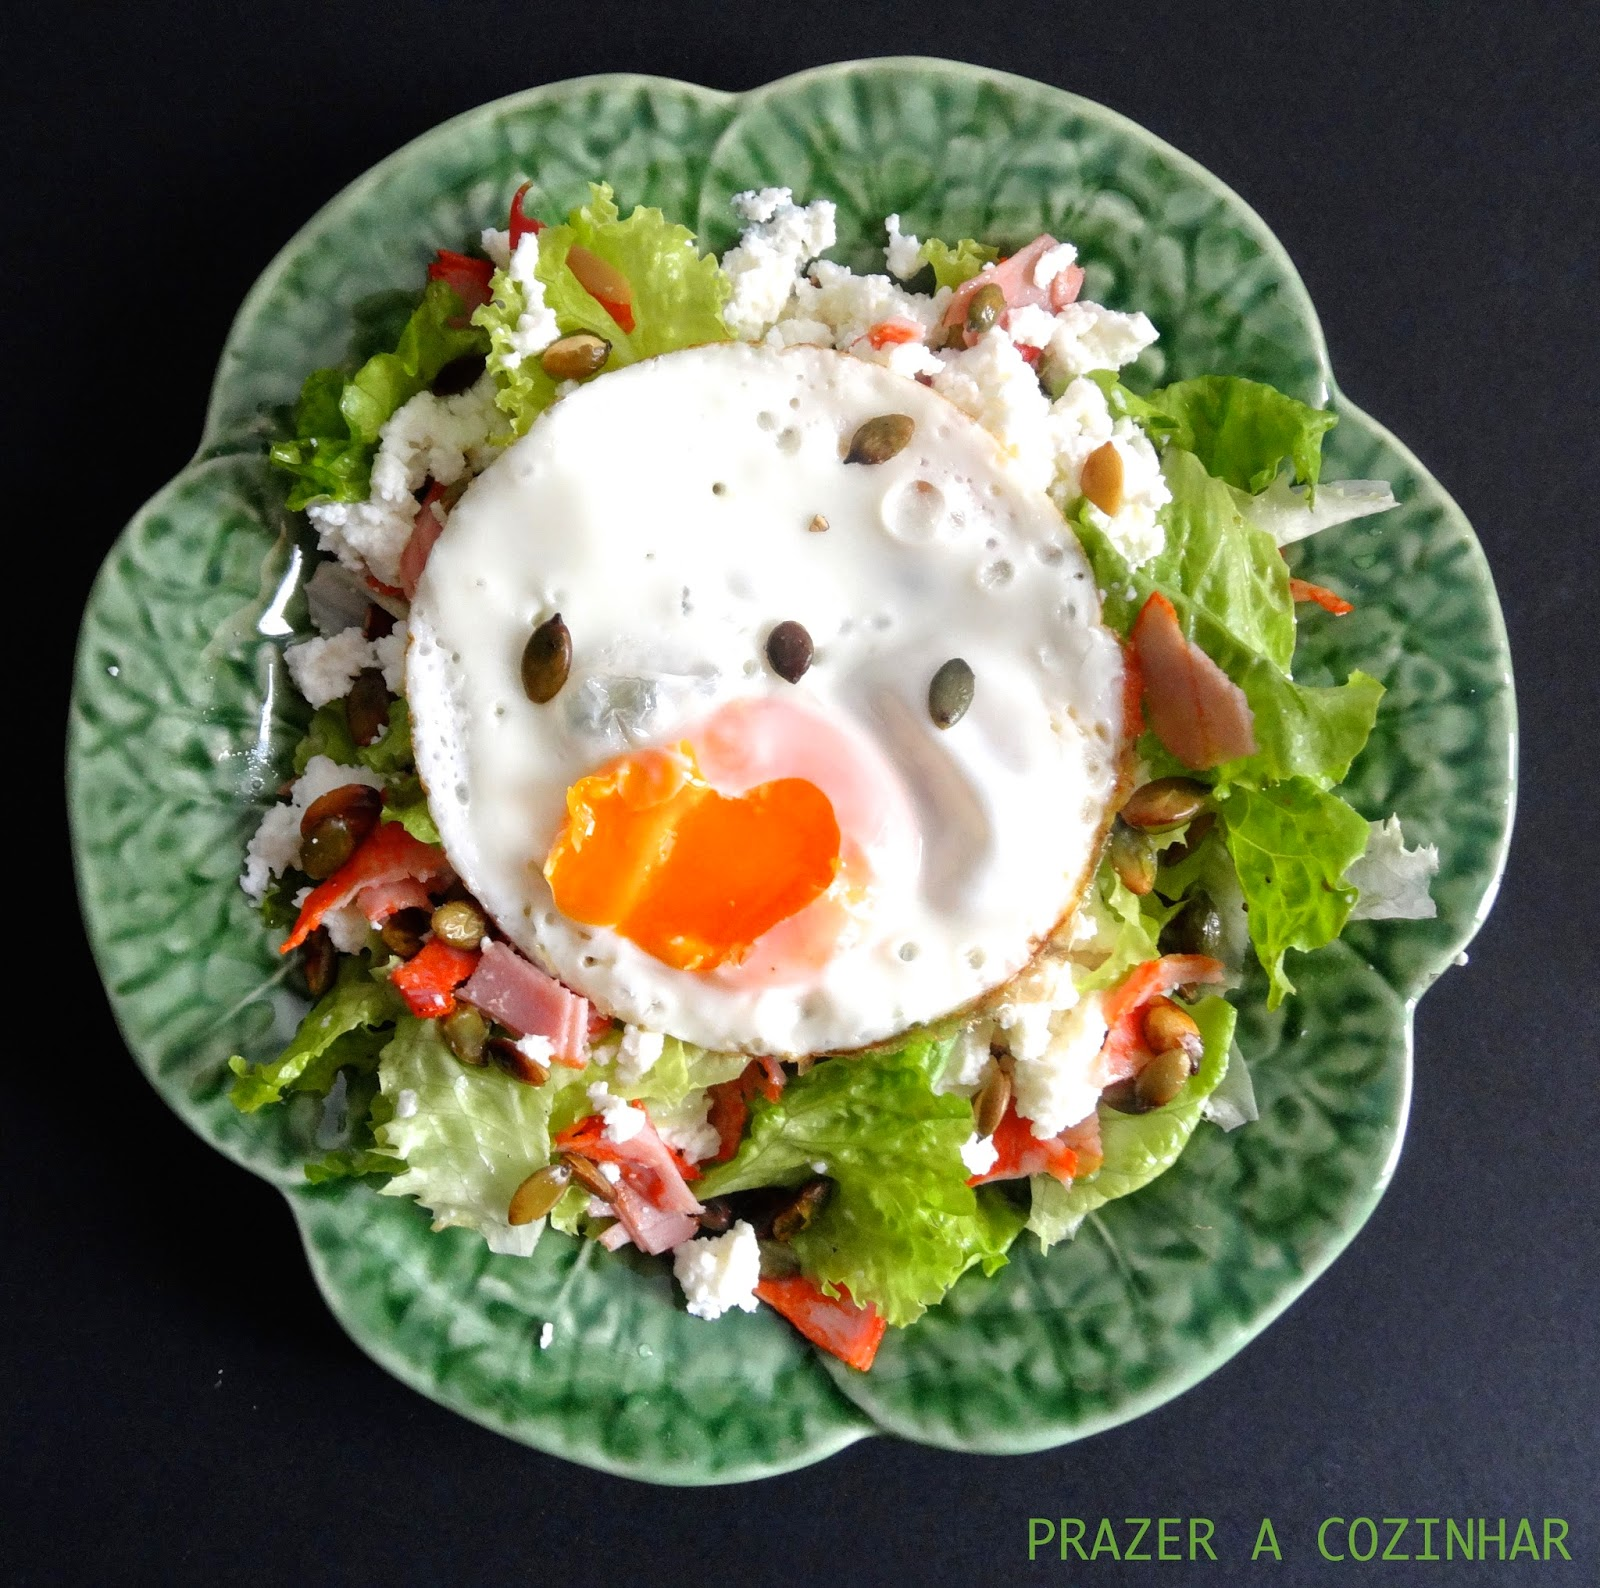 prazer a cozinhar - Salada de paio, requeijão, sementes de abóbora e ovo